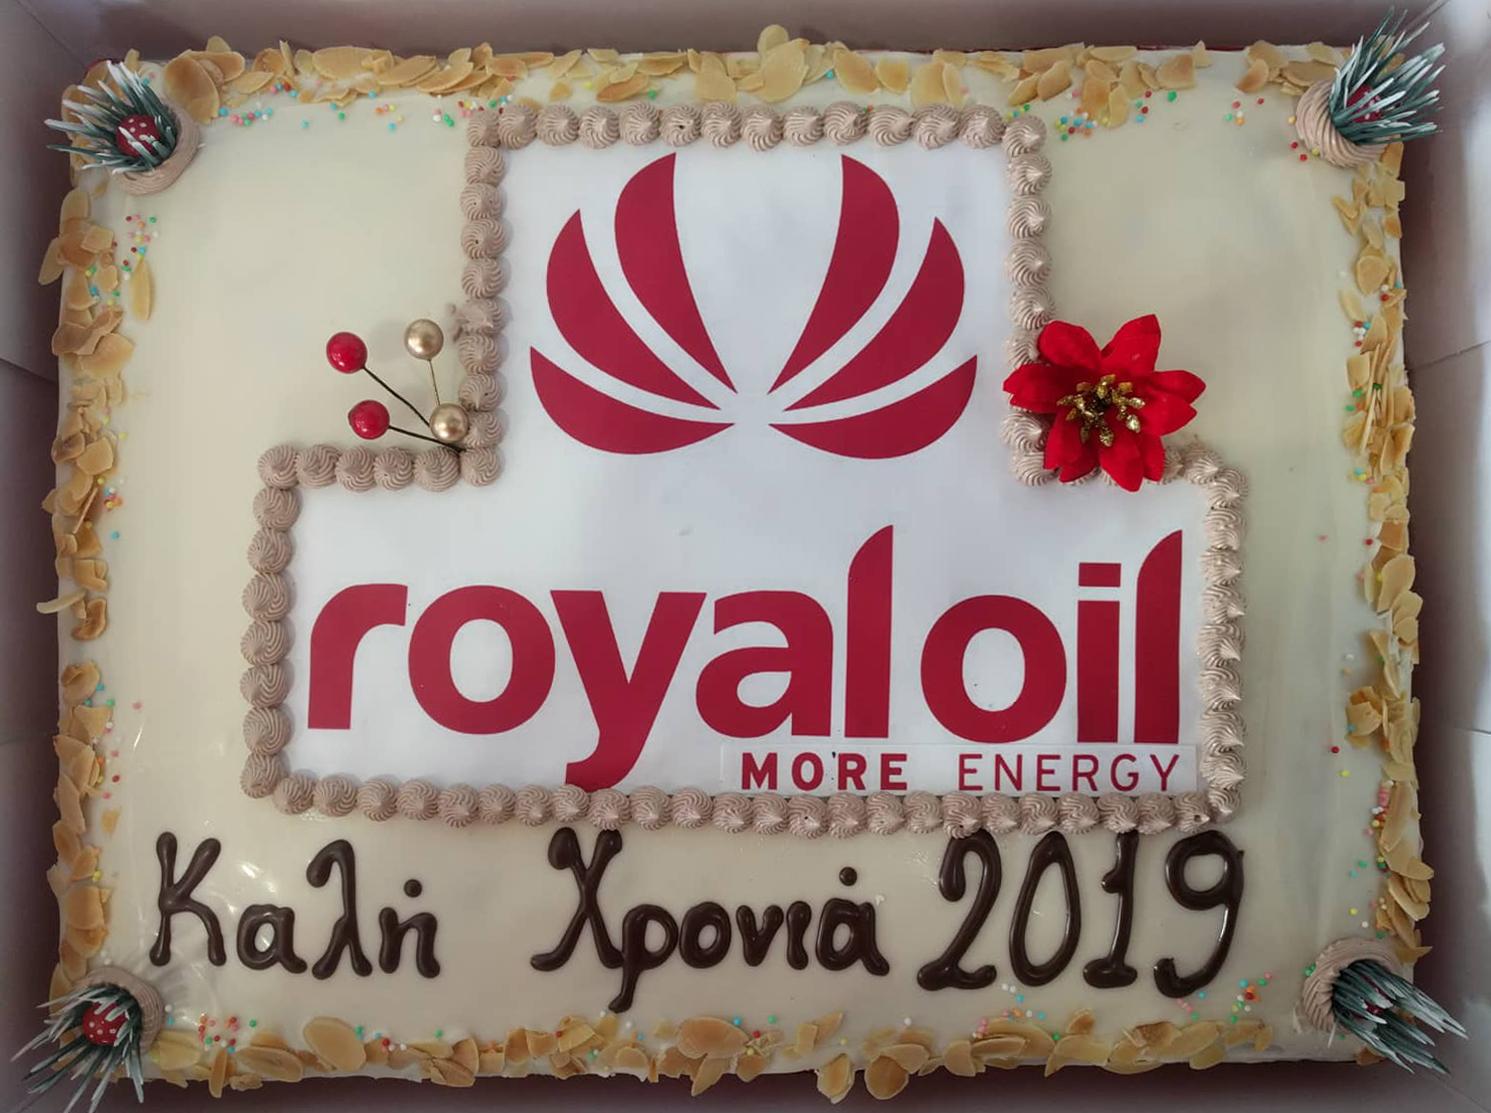 Πραγματοποιήθηκε η κοπή της πρωτοχρονιάτικης πίτας από τη Royal Oil